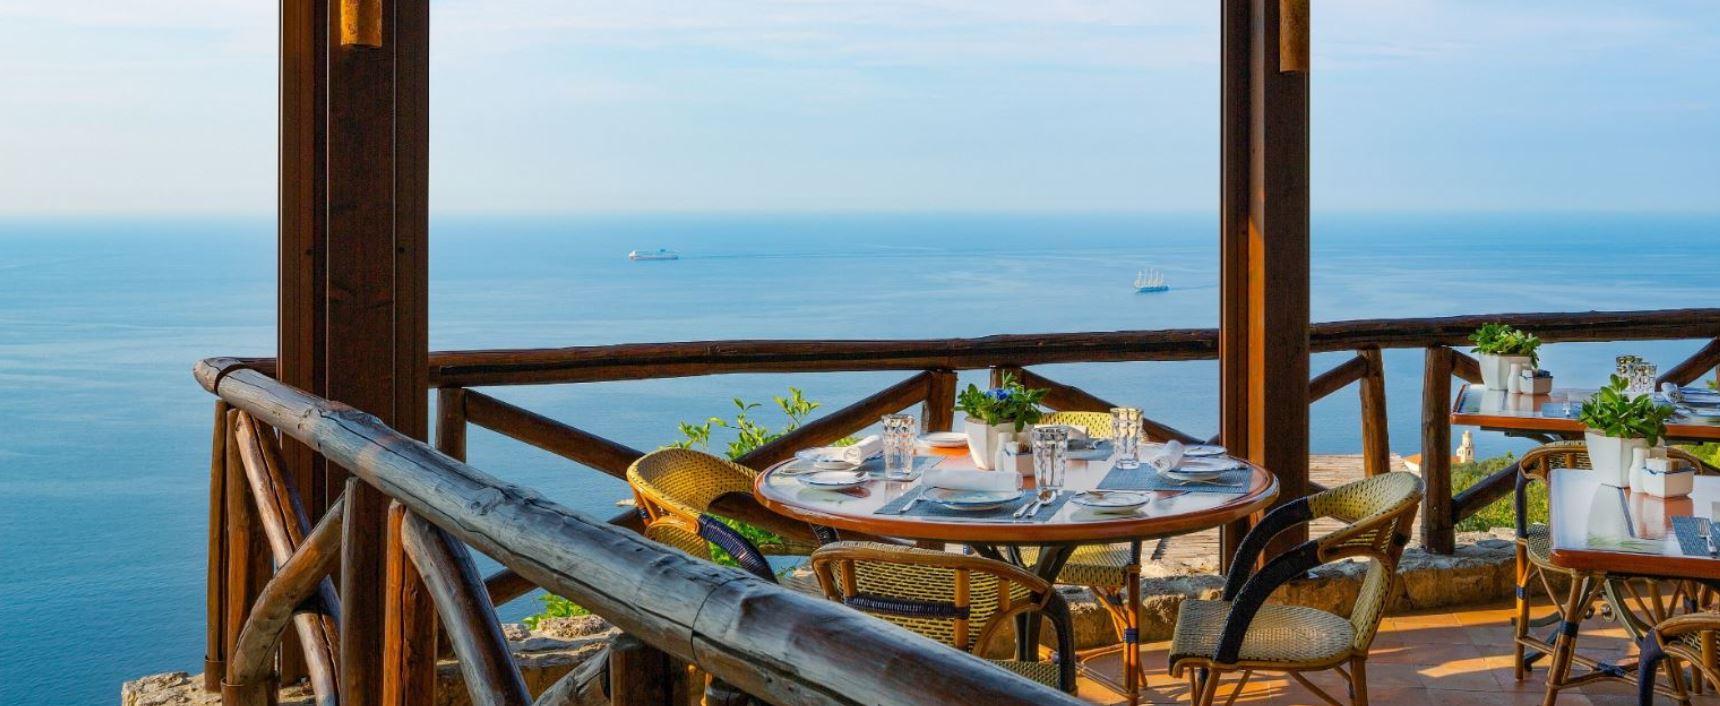 La terrazza del Monastero Santa Rosa domina il golfo di Salerno con una vista impareggiabile.